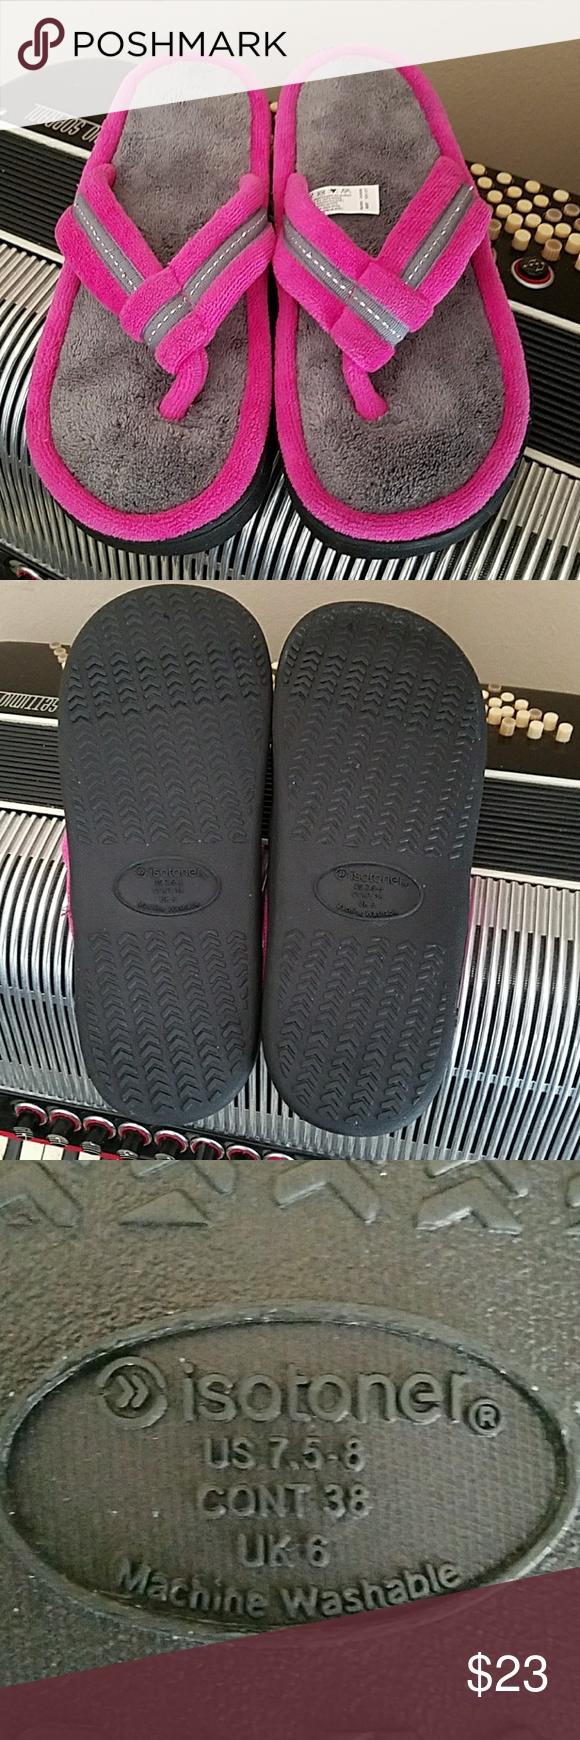 421cf626bfef NWOT-ISOTONER FLIP FLOP SLIPPERS NWOT-ISOTONER FLIP FLOP SLIPPERS. Size 7.5-8  isotoner Shoes Slippers